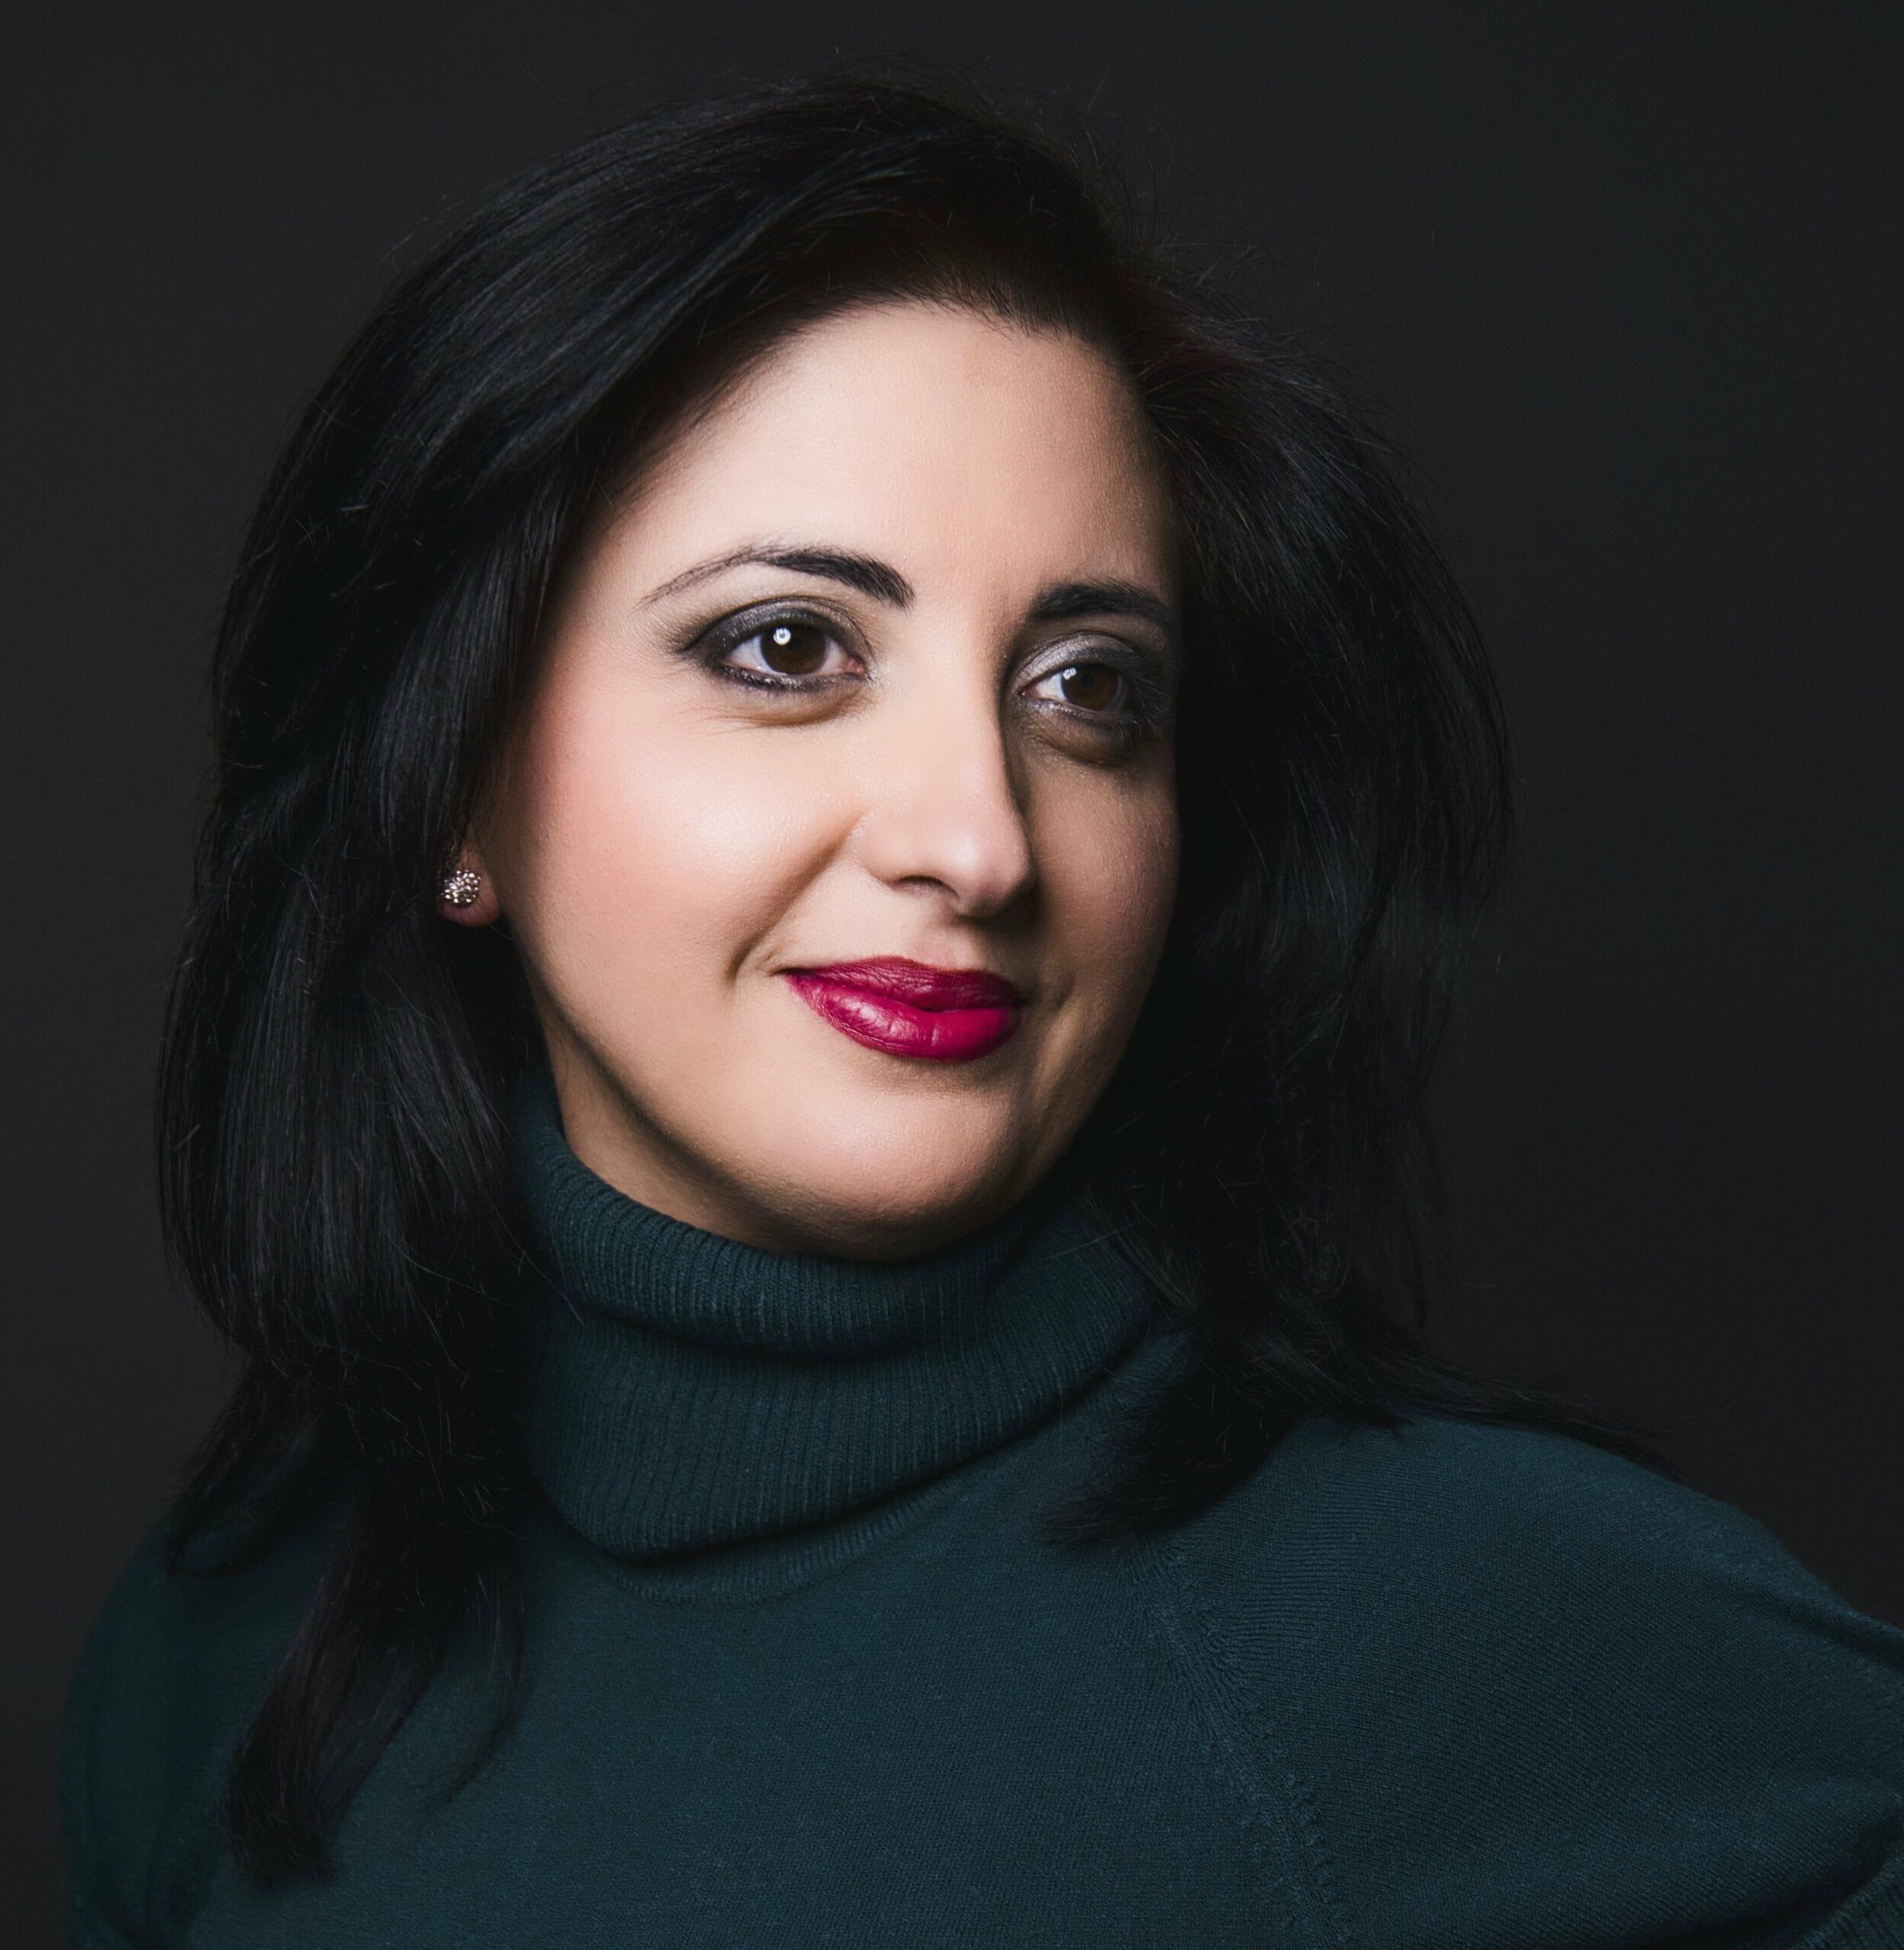 foto profilo CLAUDIA MALVA